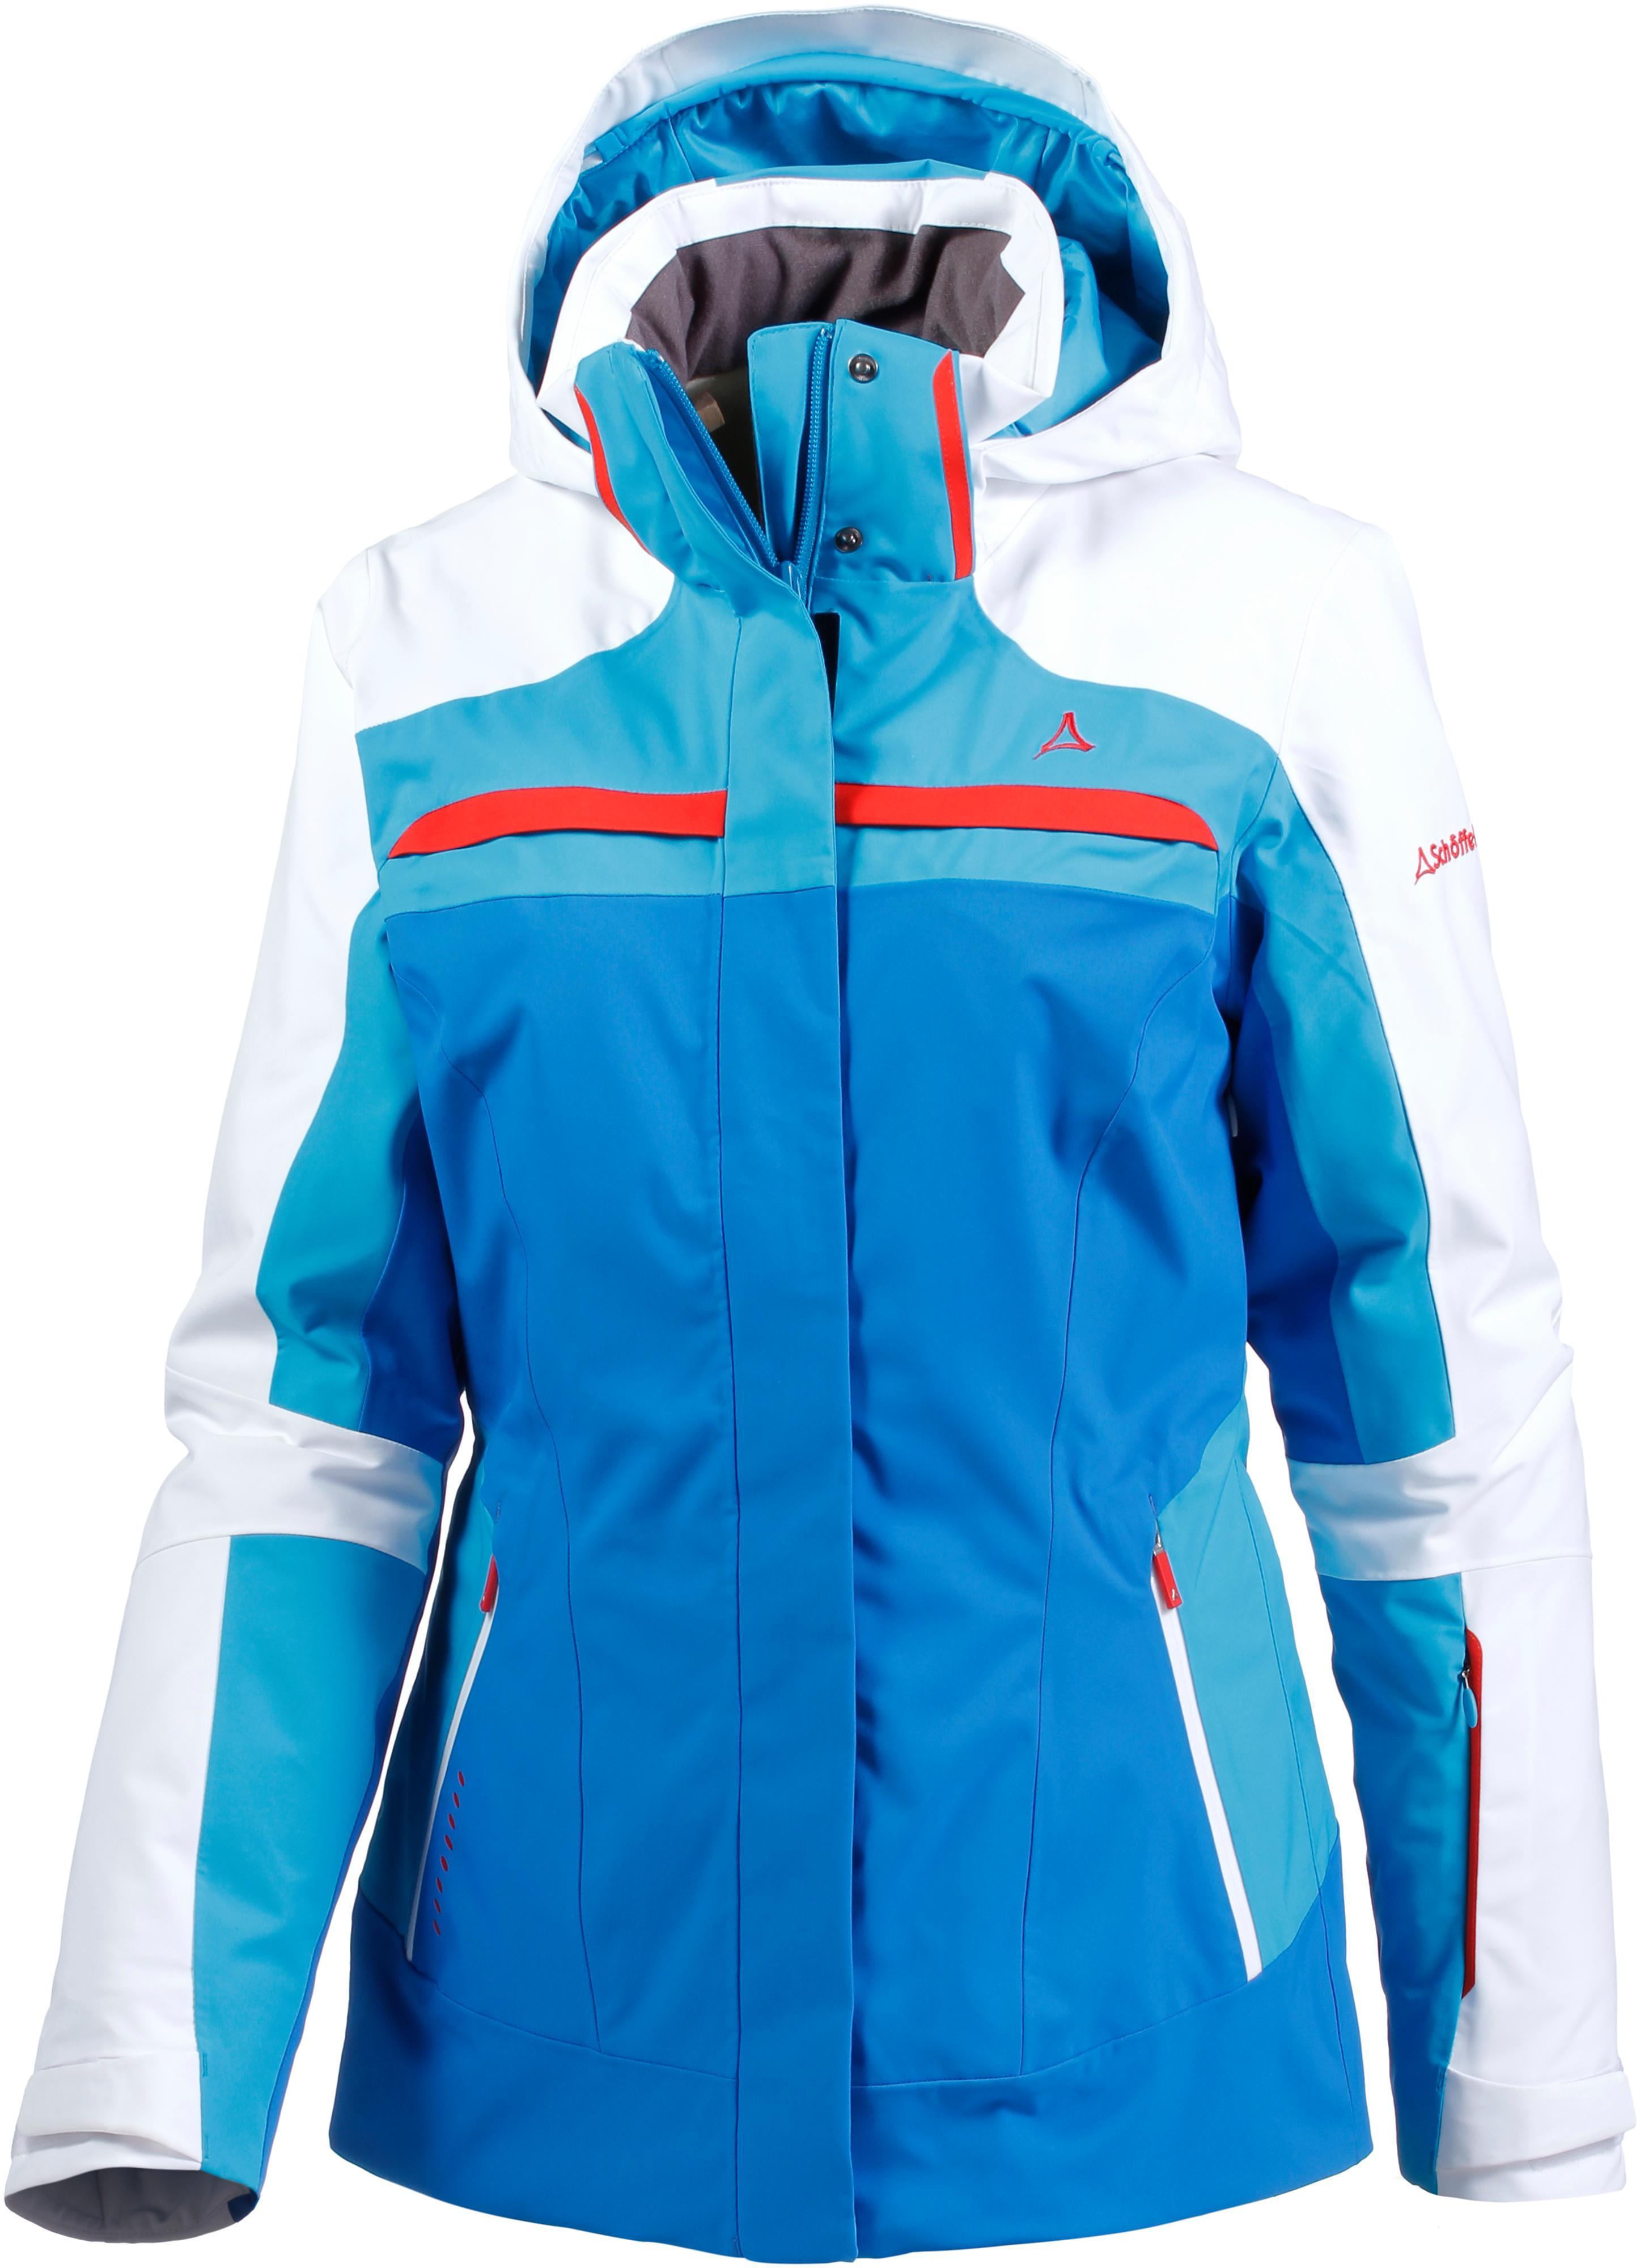 Skijacke damen 2 in 1